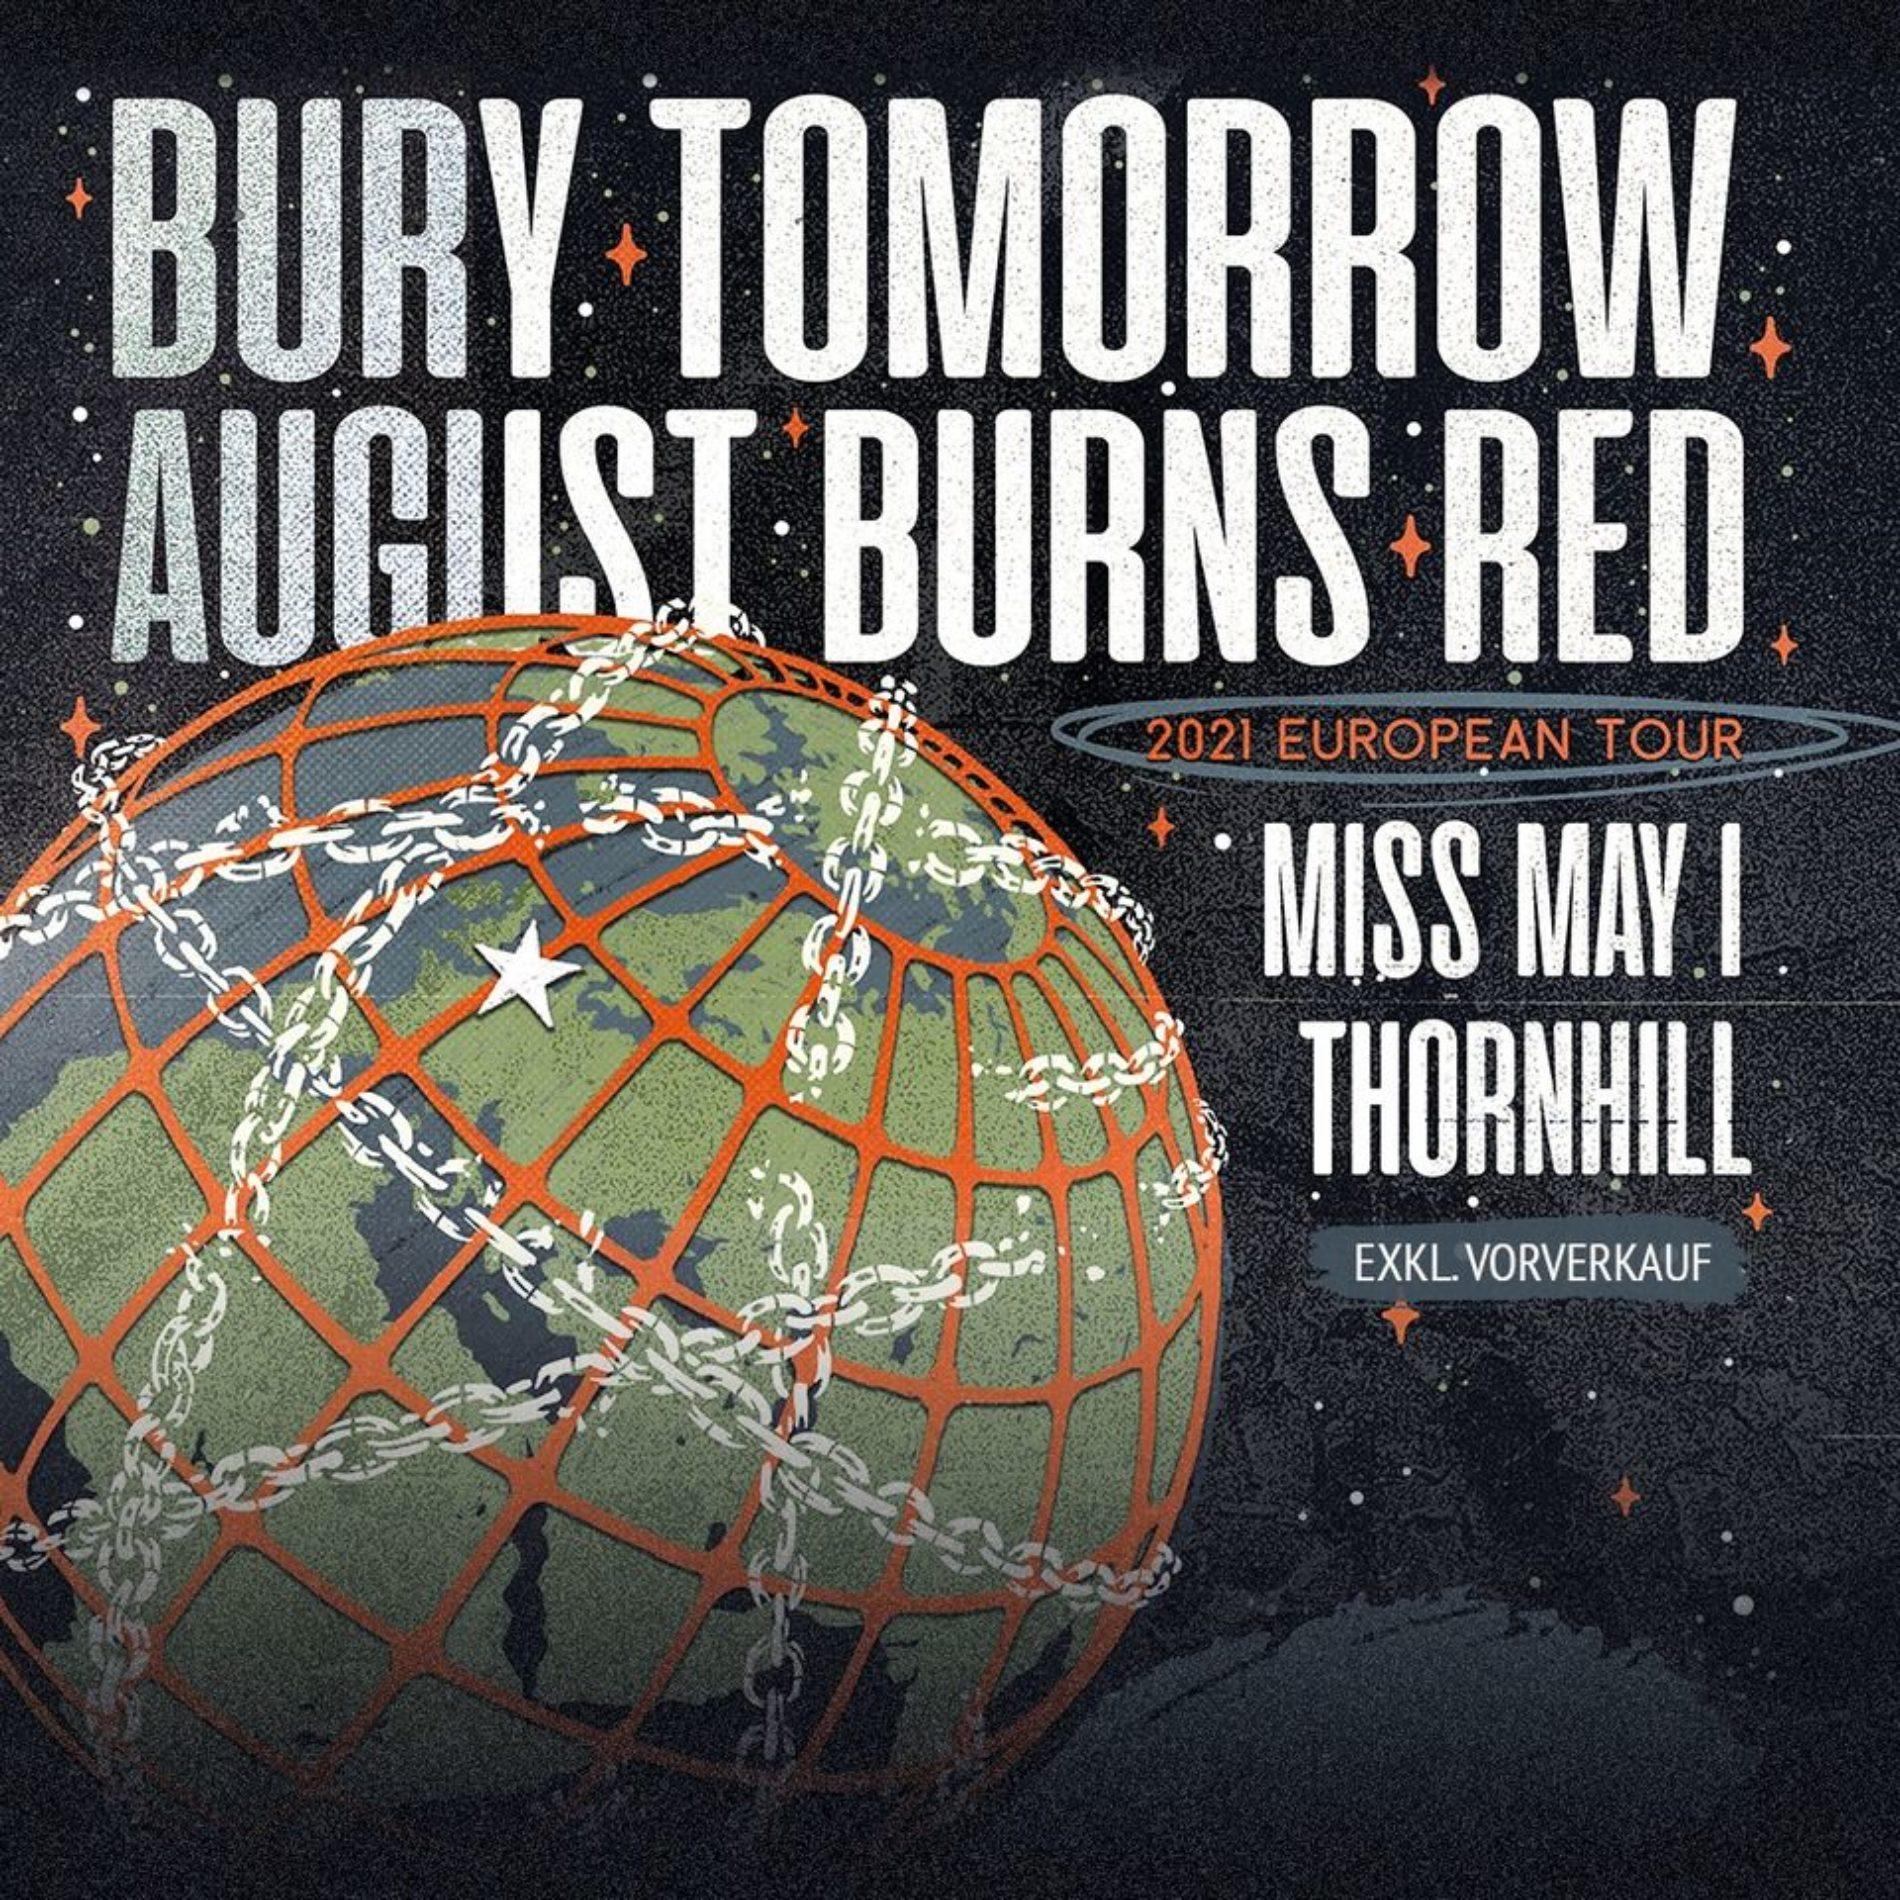 Bury Tomorrow und August Burns Red auf Co-Headline-Tour